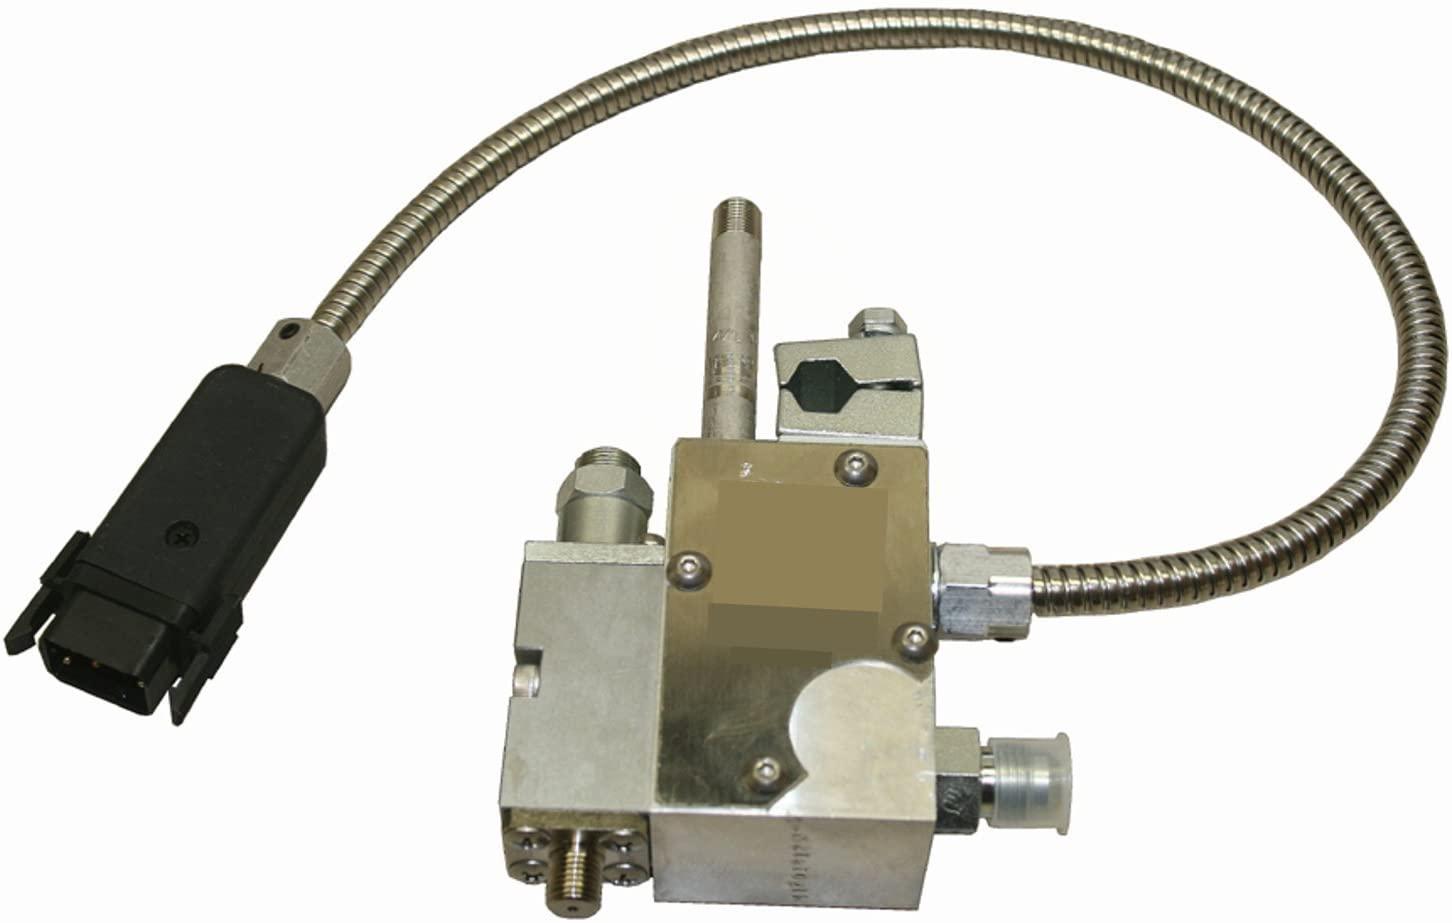 New aftermarket Nordson 274596 H201T Glue Head/Gun